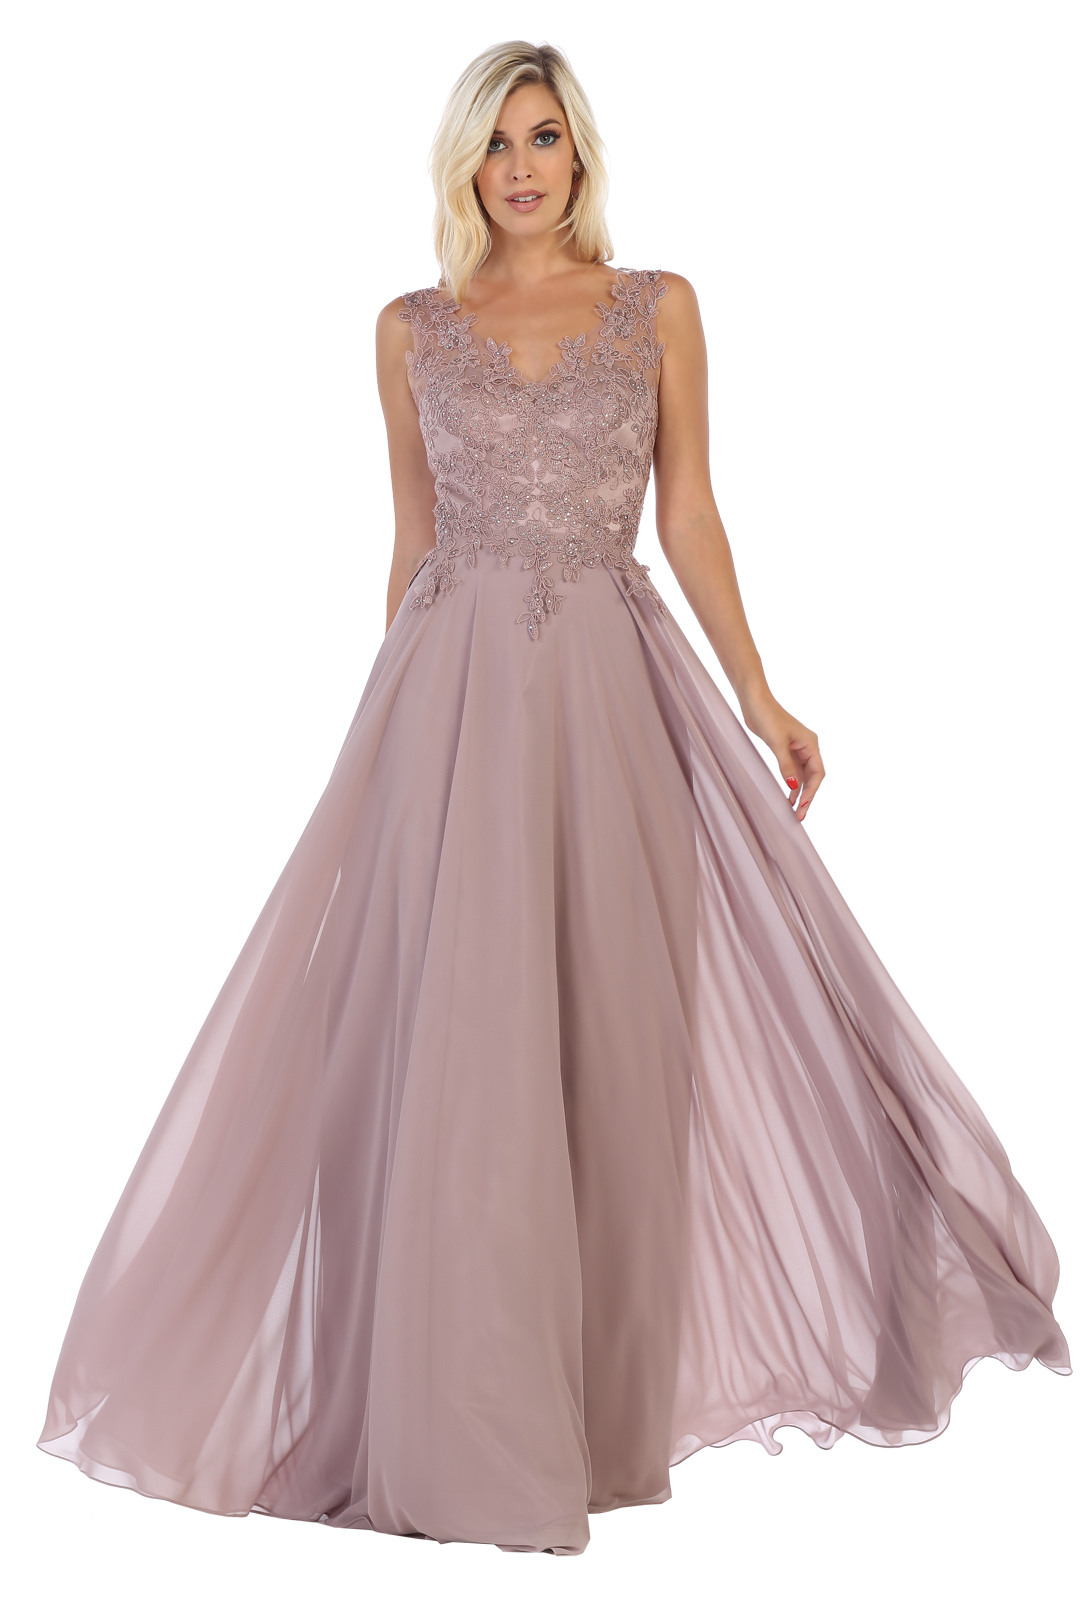 10 Top Abend Kleid Für Hochzeit für 201915 Genial Abend Kleid Für Hochzeit Galerie